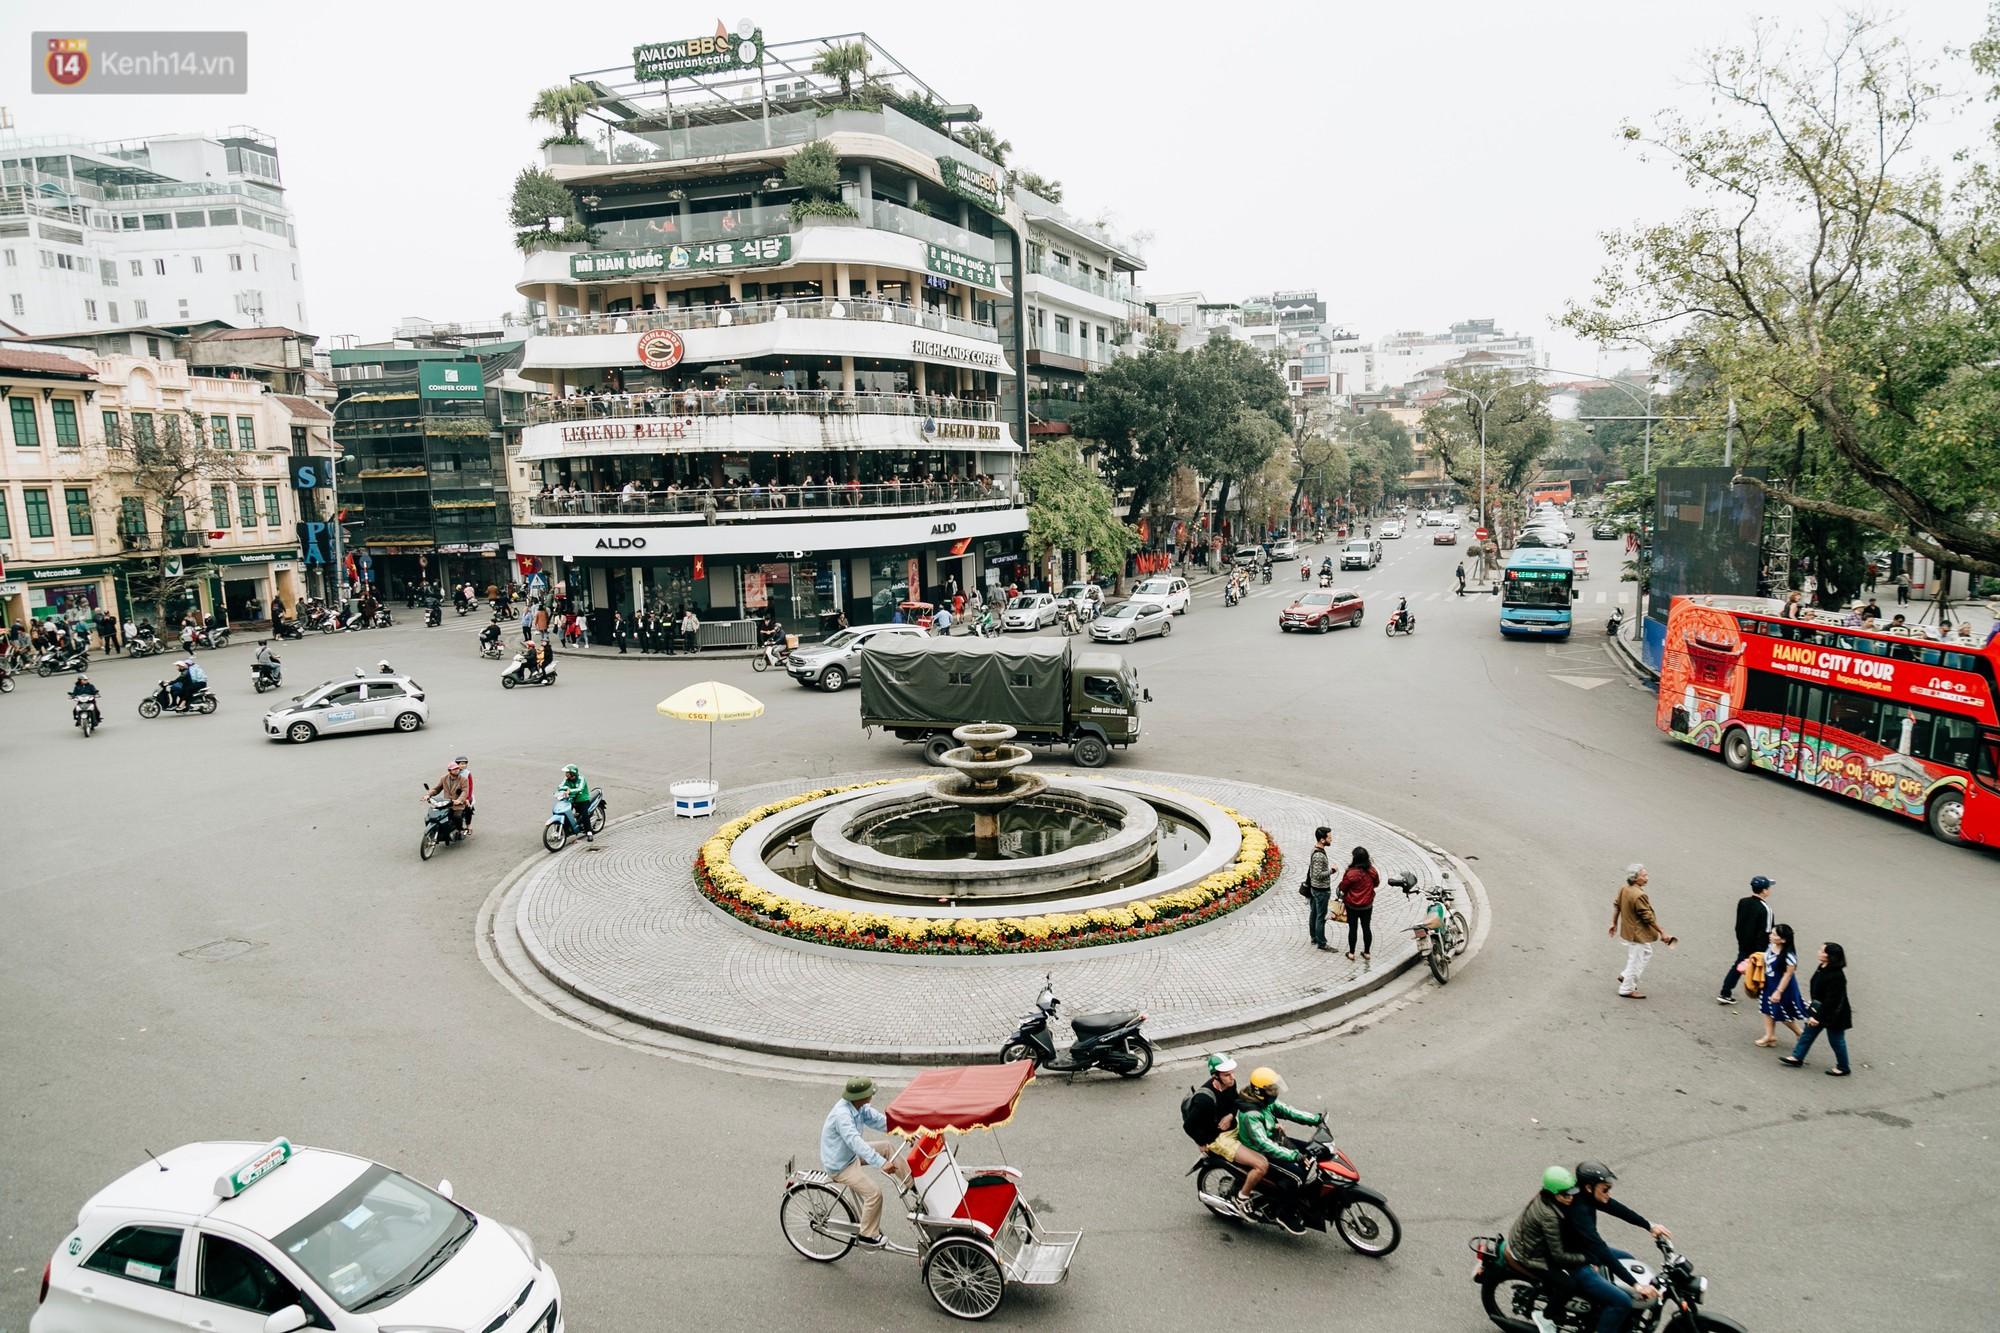 Tiết lộ lý do truyền thông quốc tế làm tin trên những nóc nhà ở Hà Nội 2